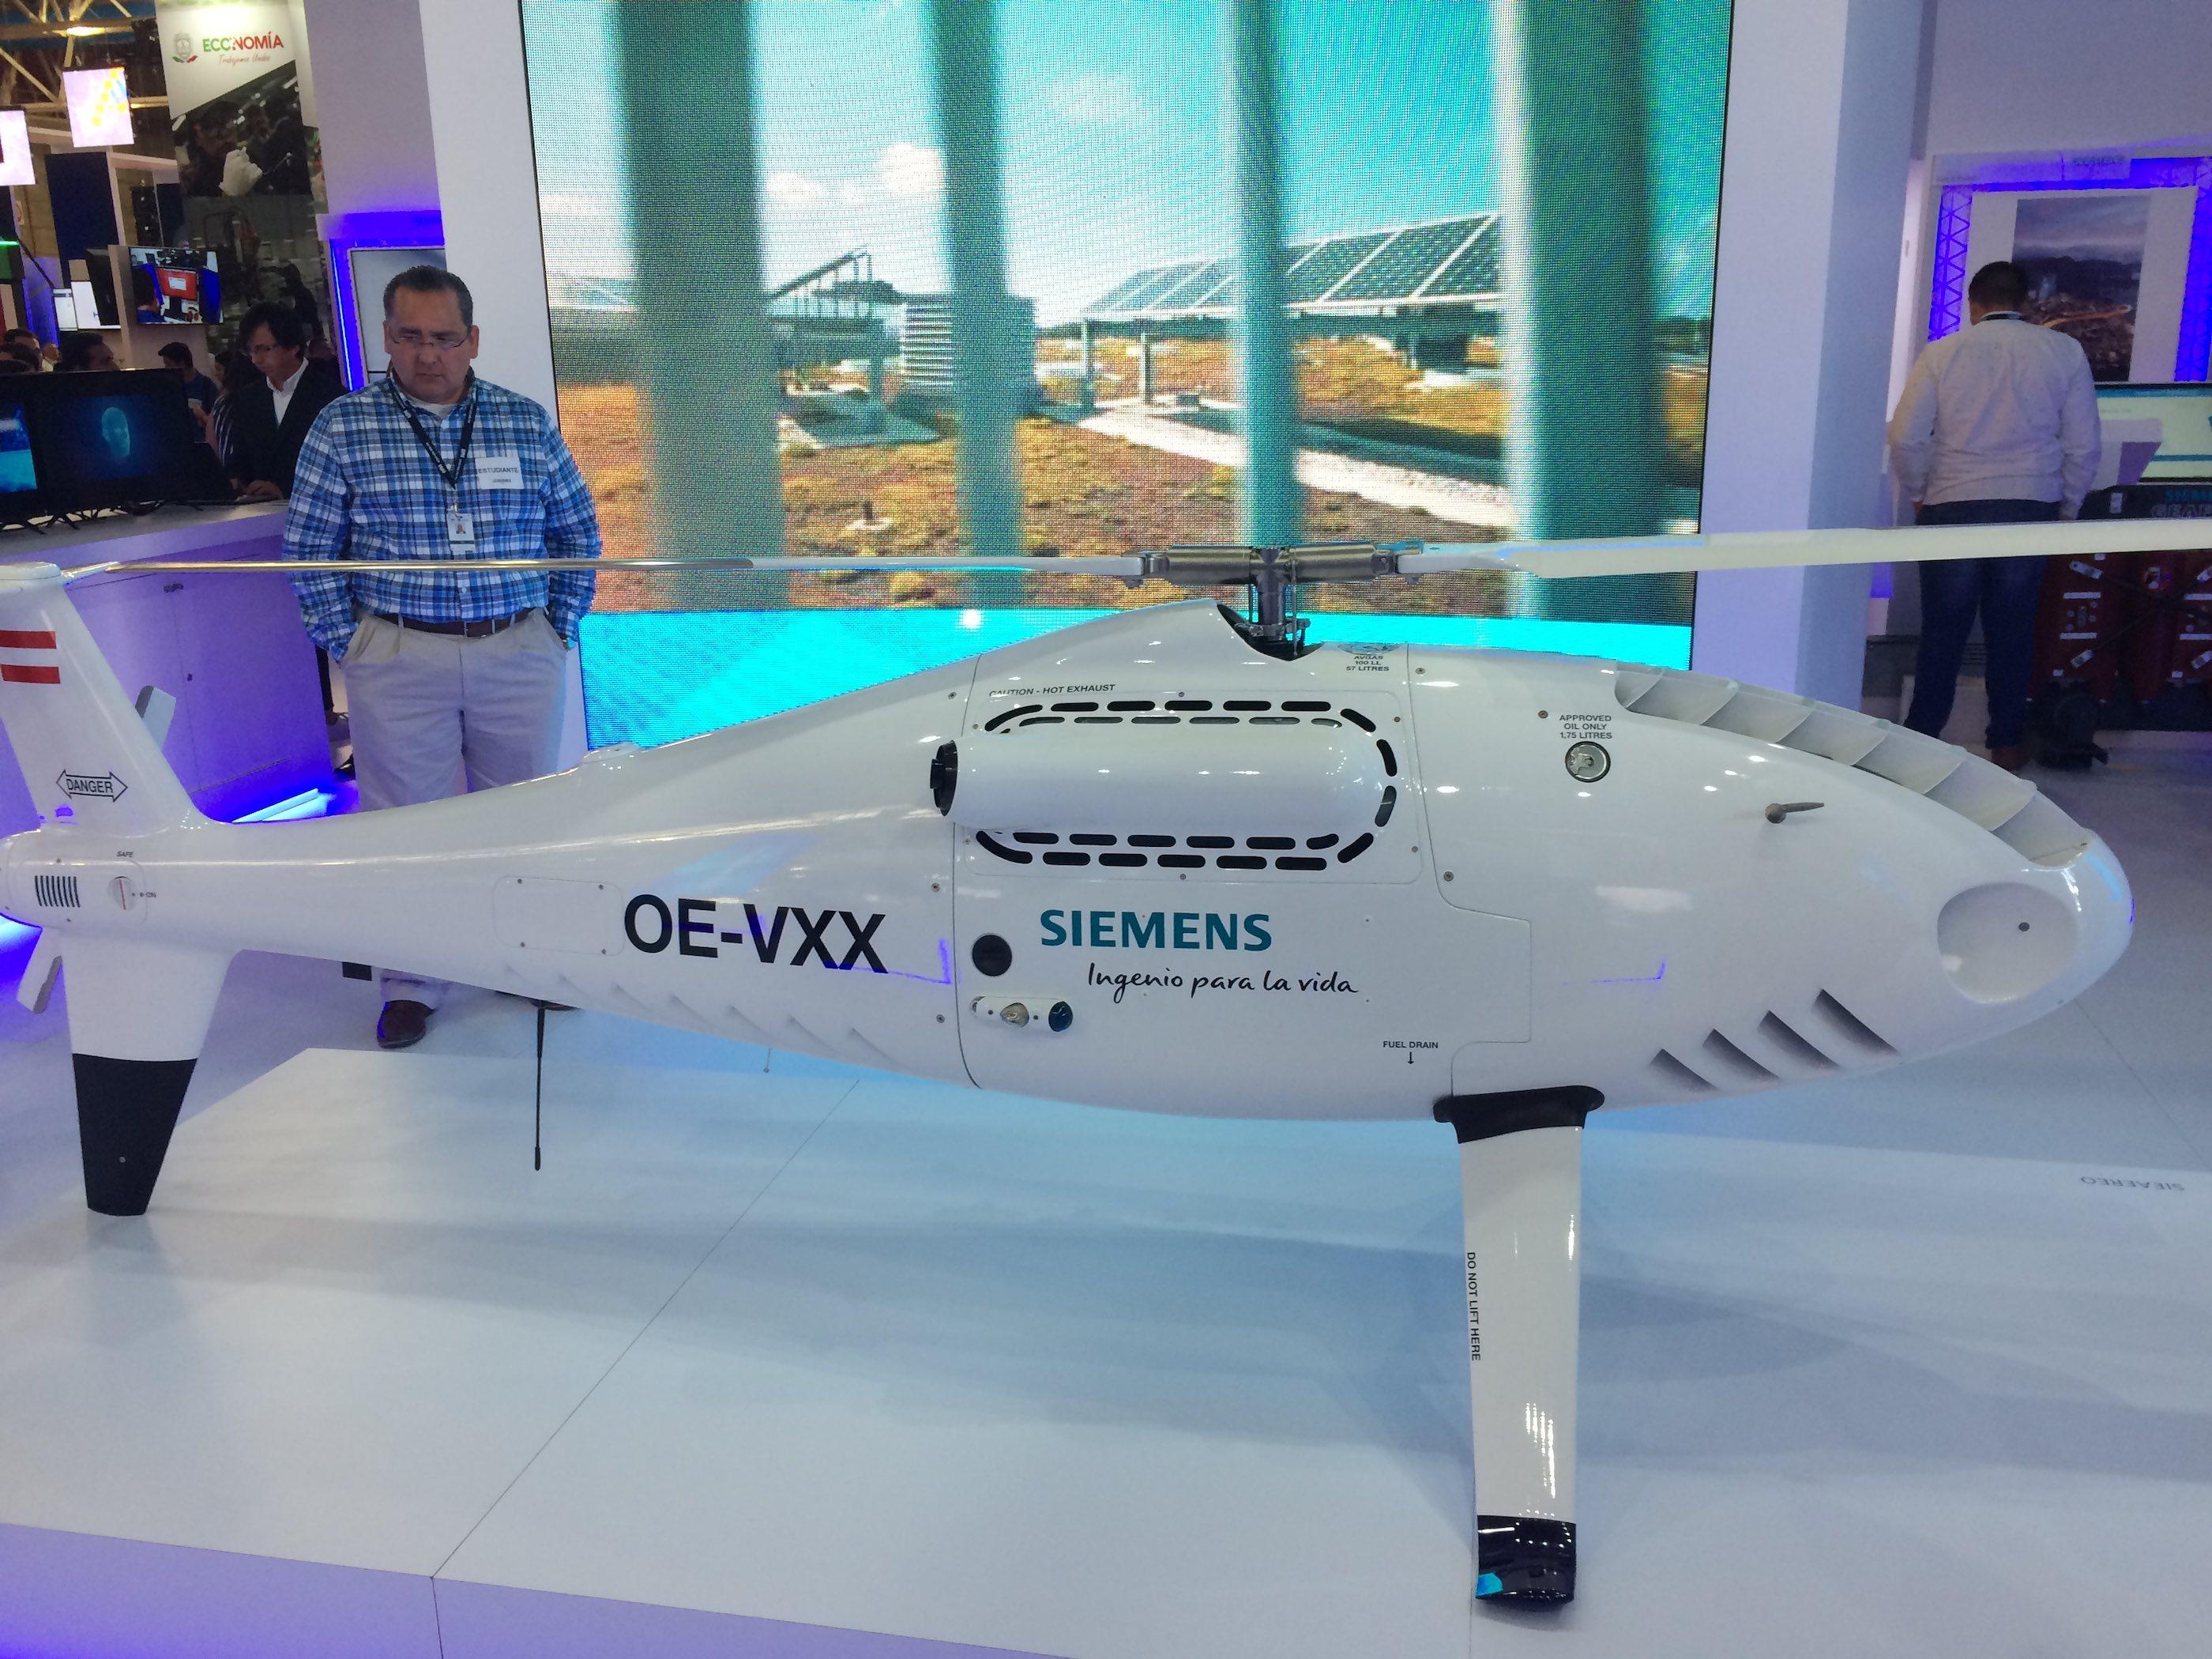 Dron de exhibición.